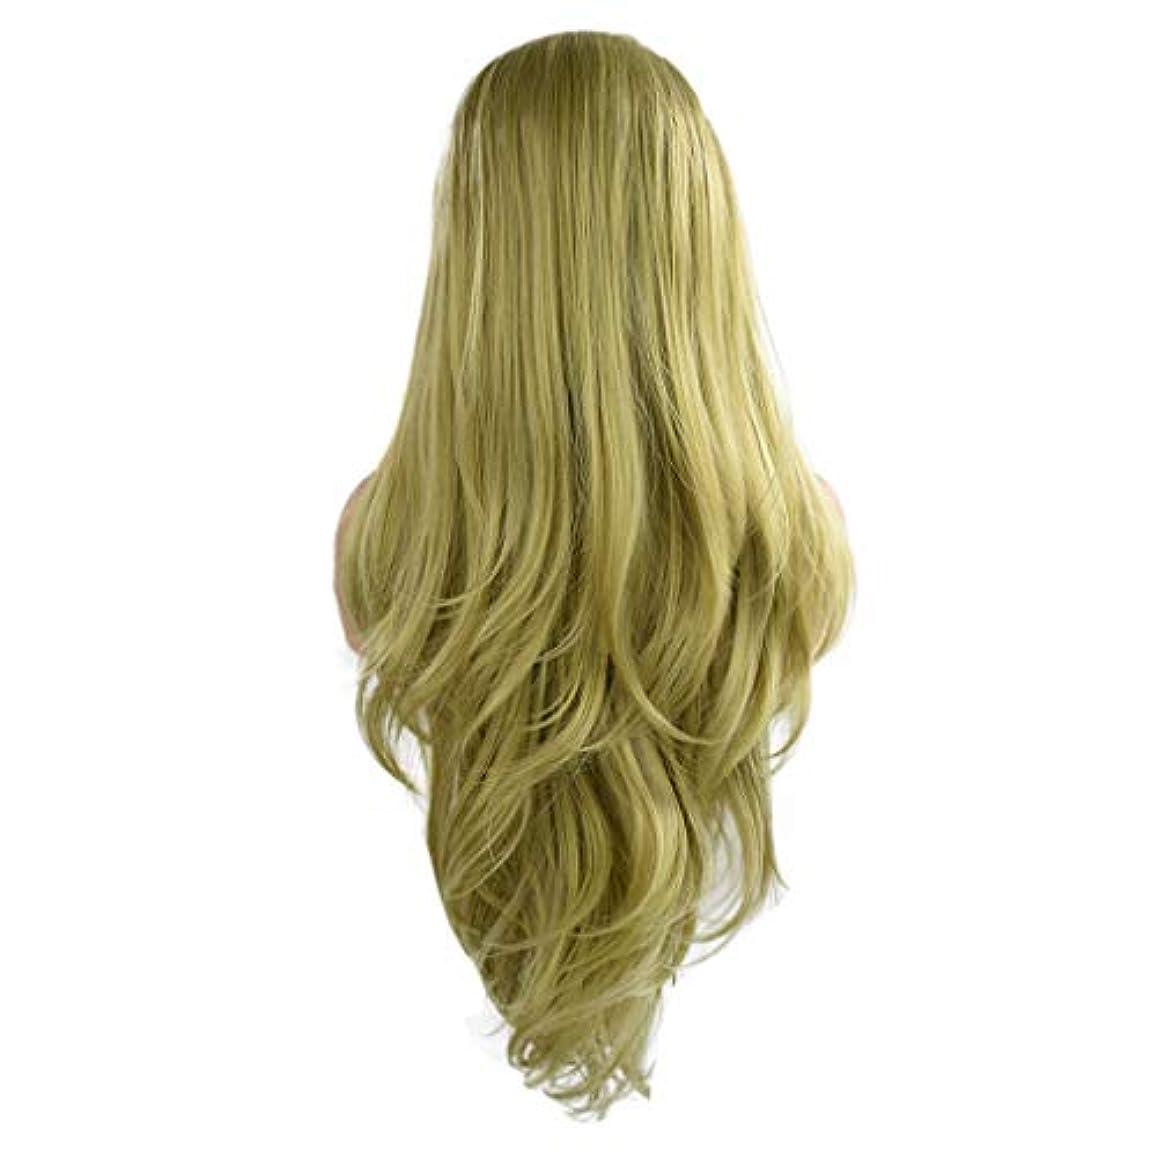 すきオズワルド喉頭女性の緑の長い巻き毛のフロントレースかつらファッションポップかつら24インチかつら